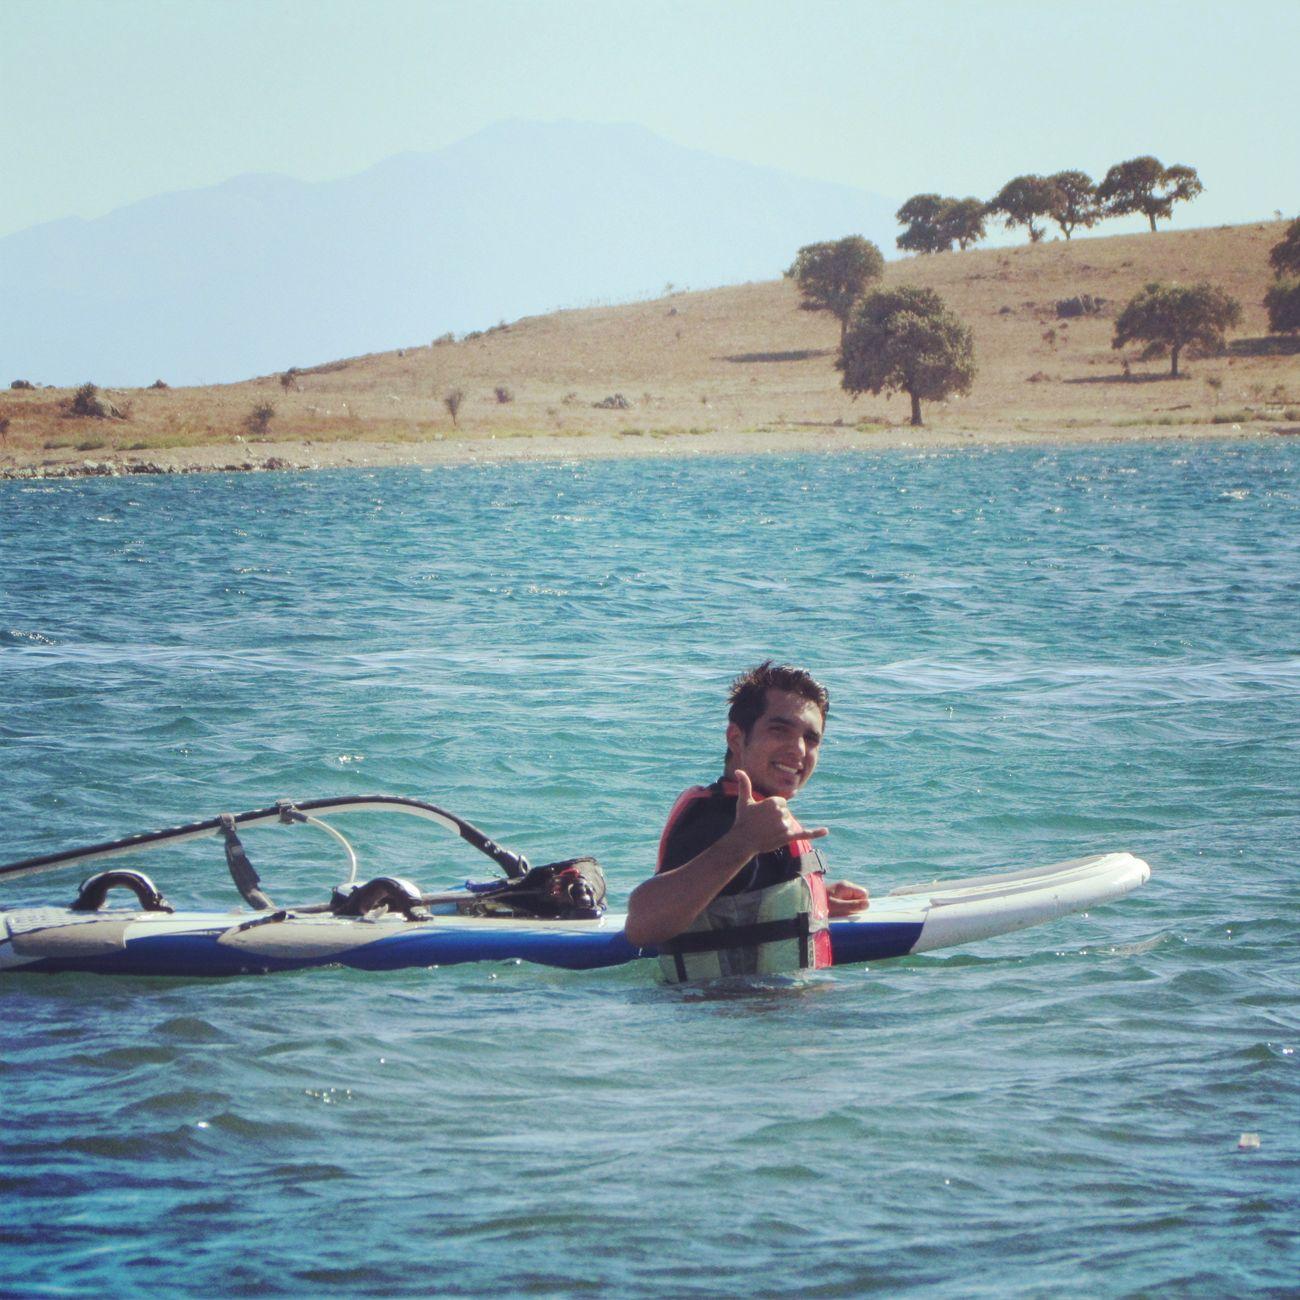 Yazdan kalan. windsurf turkeeeeyyyy:)